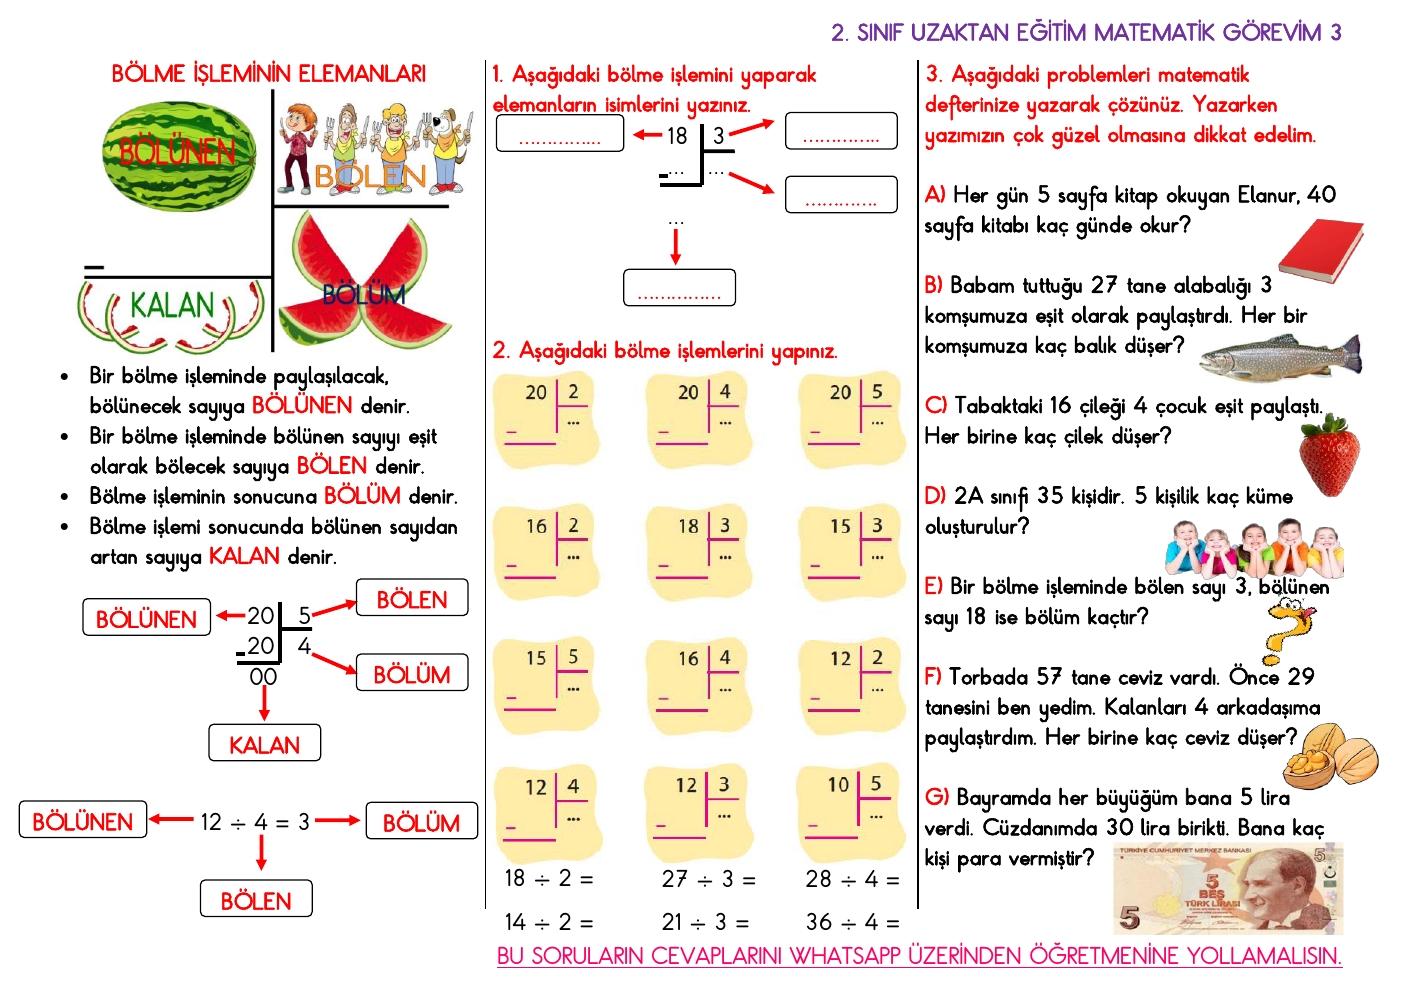 Uzaktan Eğitim Matematik Görevi 3